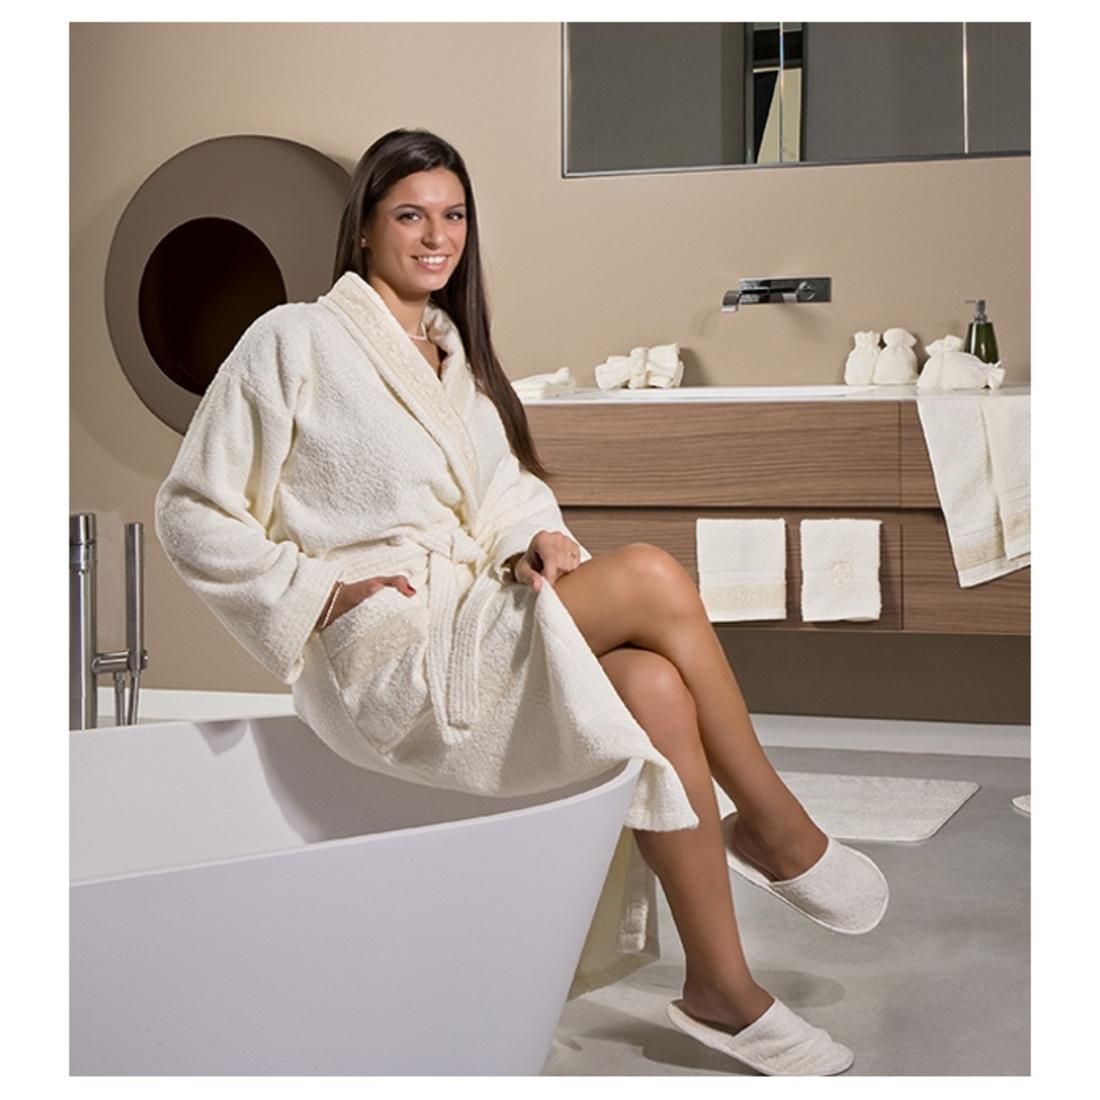 Смотреть женщину в халате онлайн 7 фотография